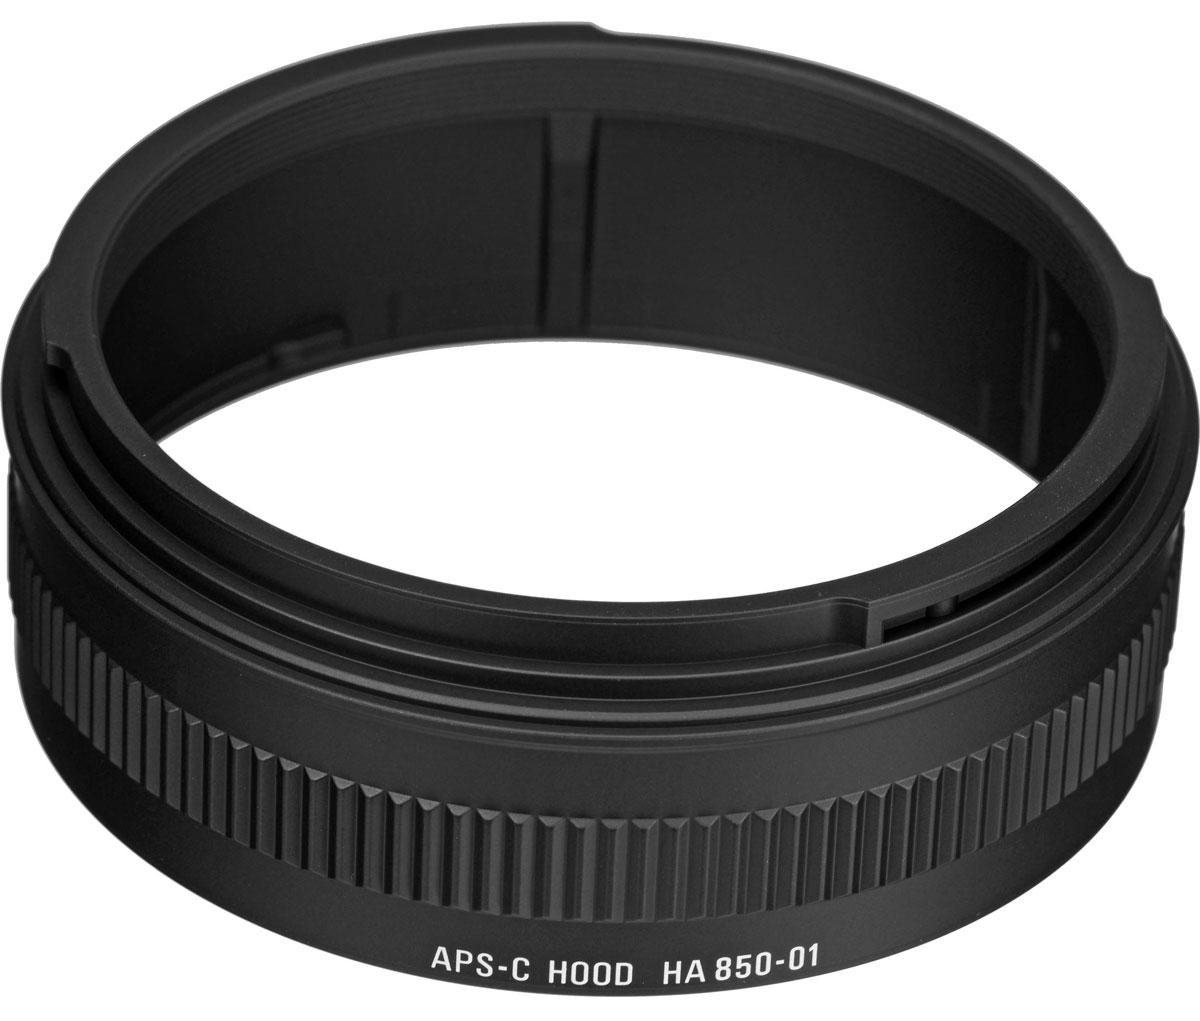 Sigma AF 70-200mm F2.8 APO EX DG OS HSM телеобъектив для Nikon